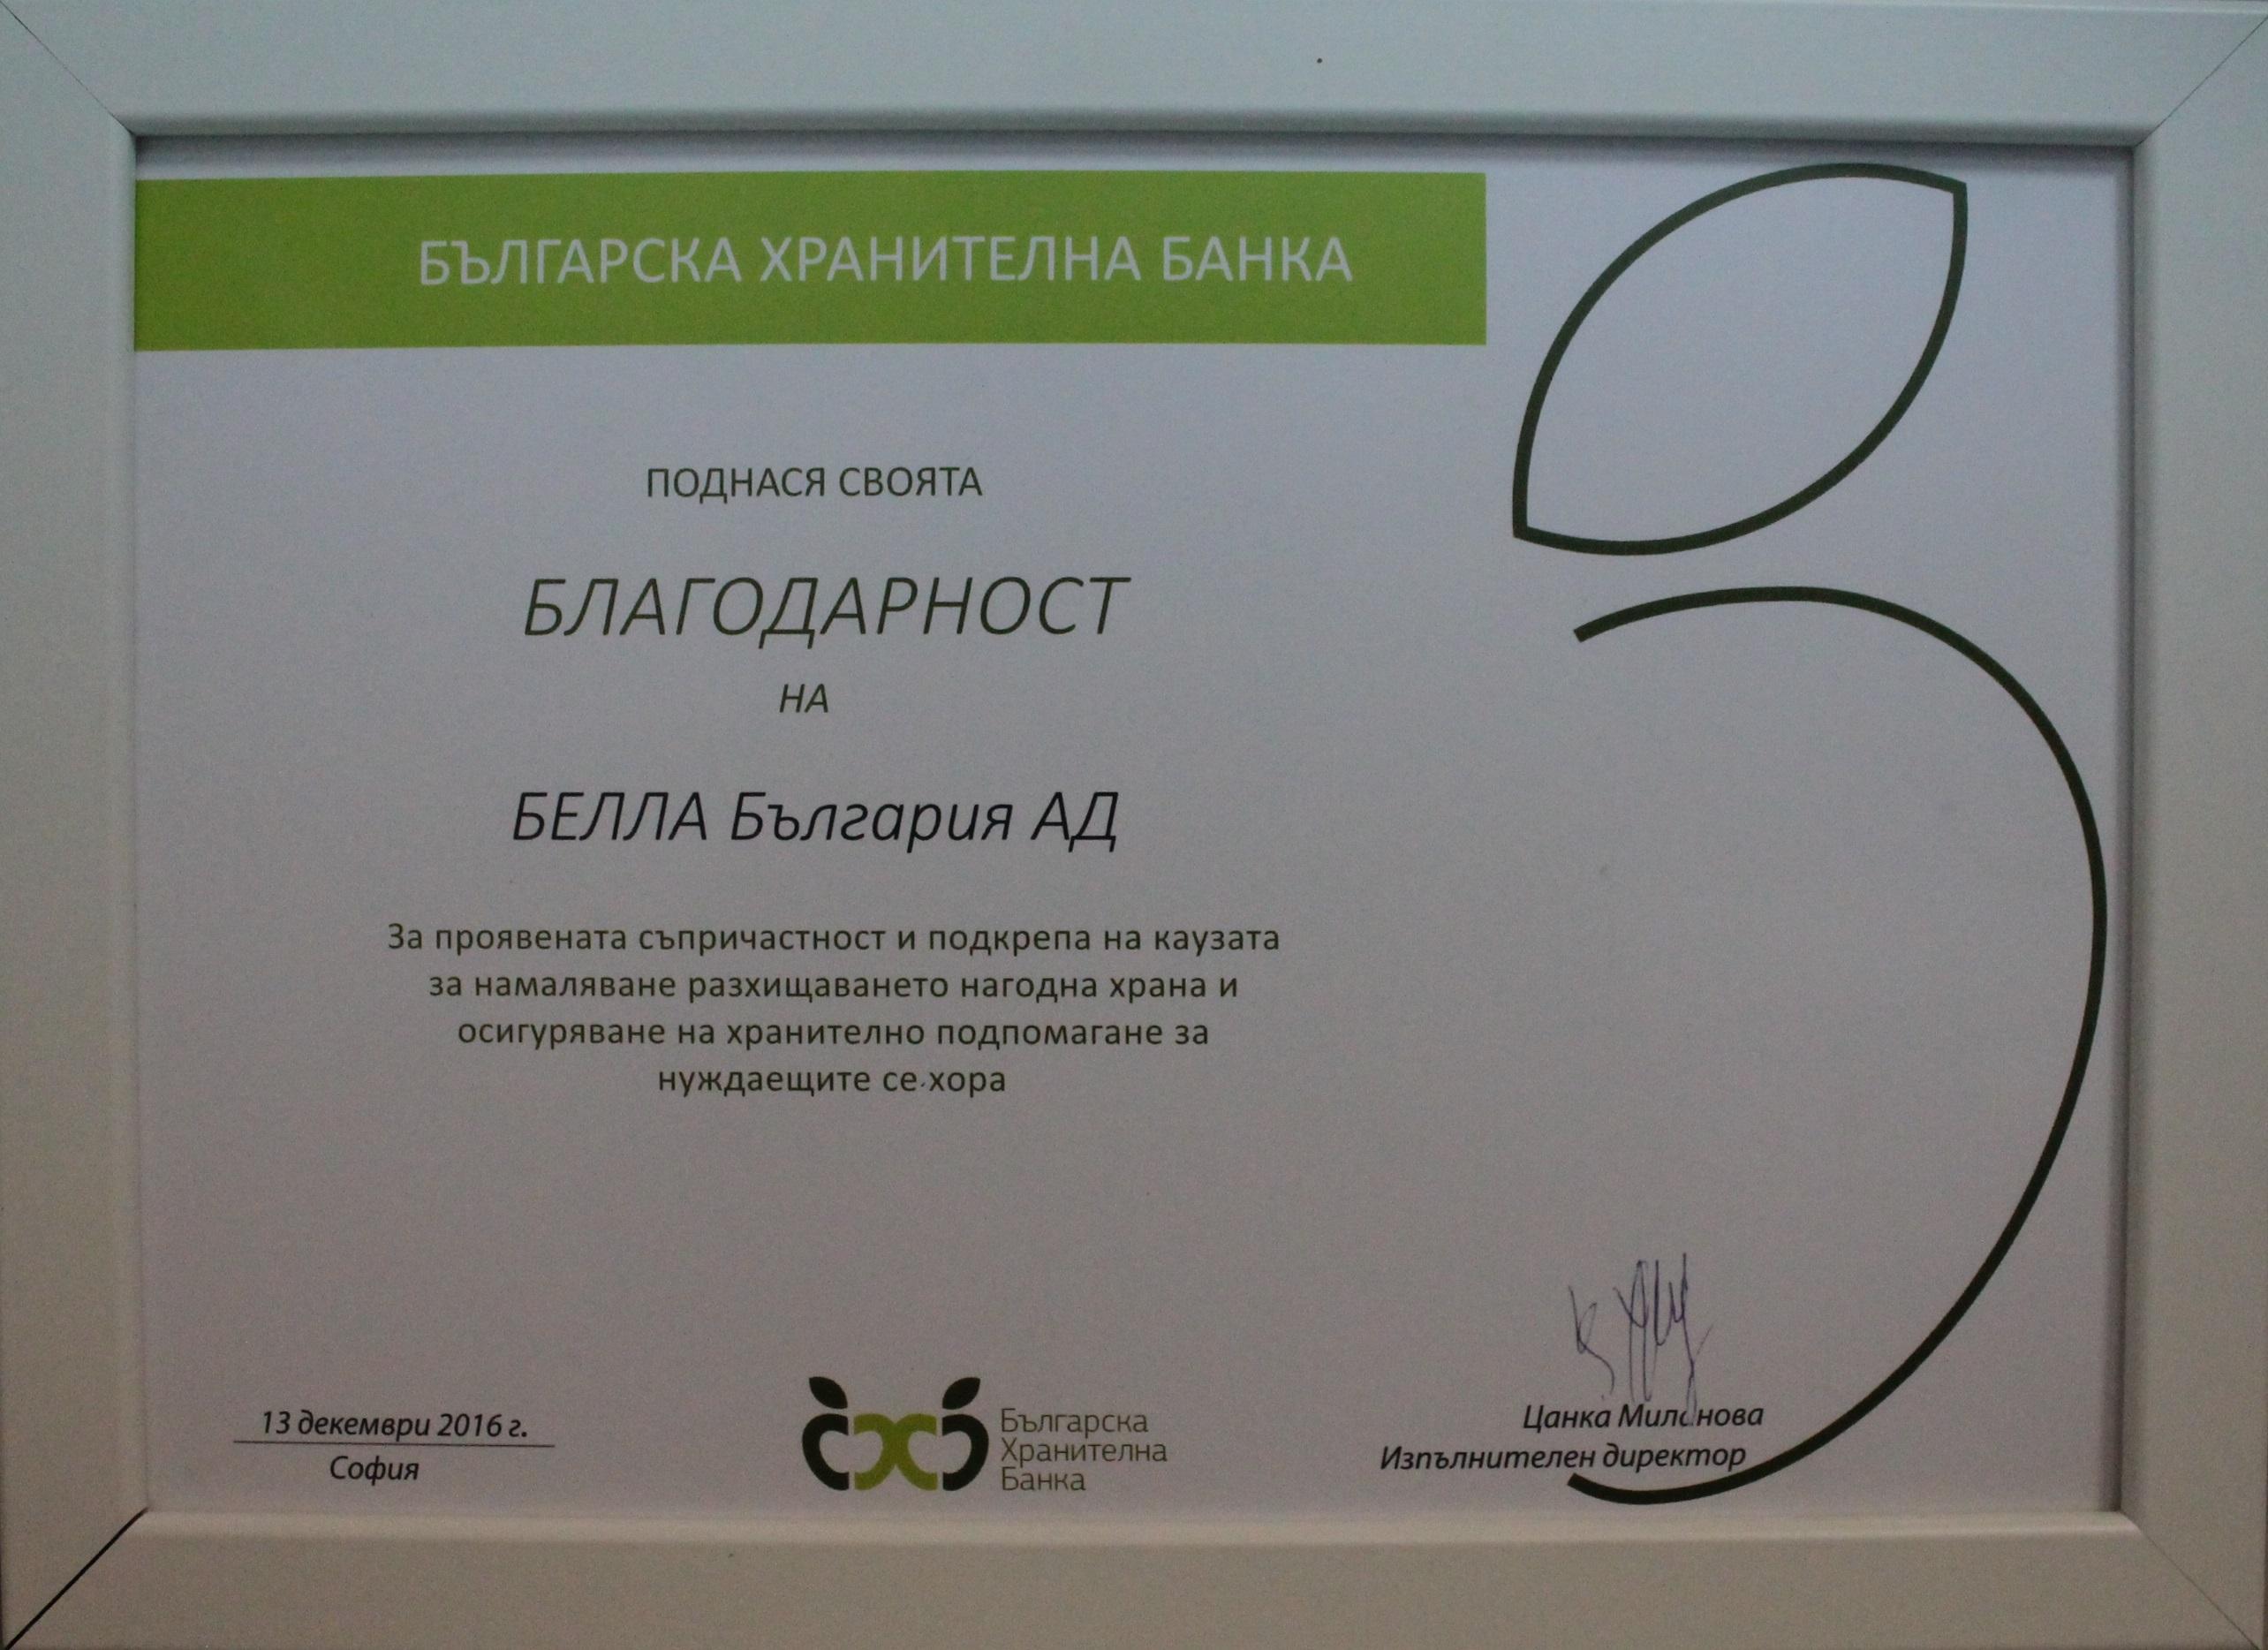 Благодарствена грамота от Българска Хранителна Банка